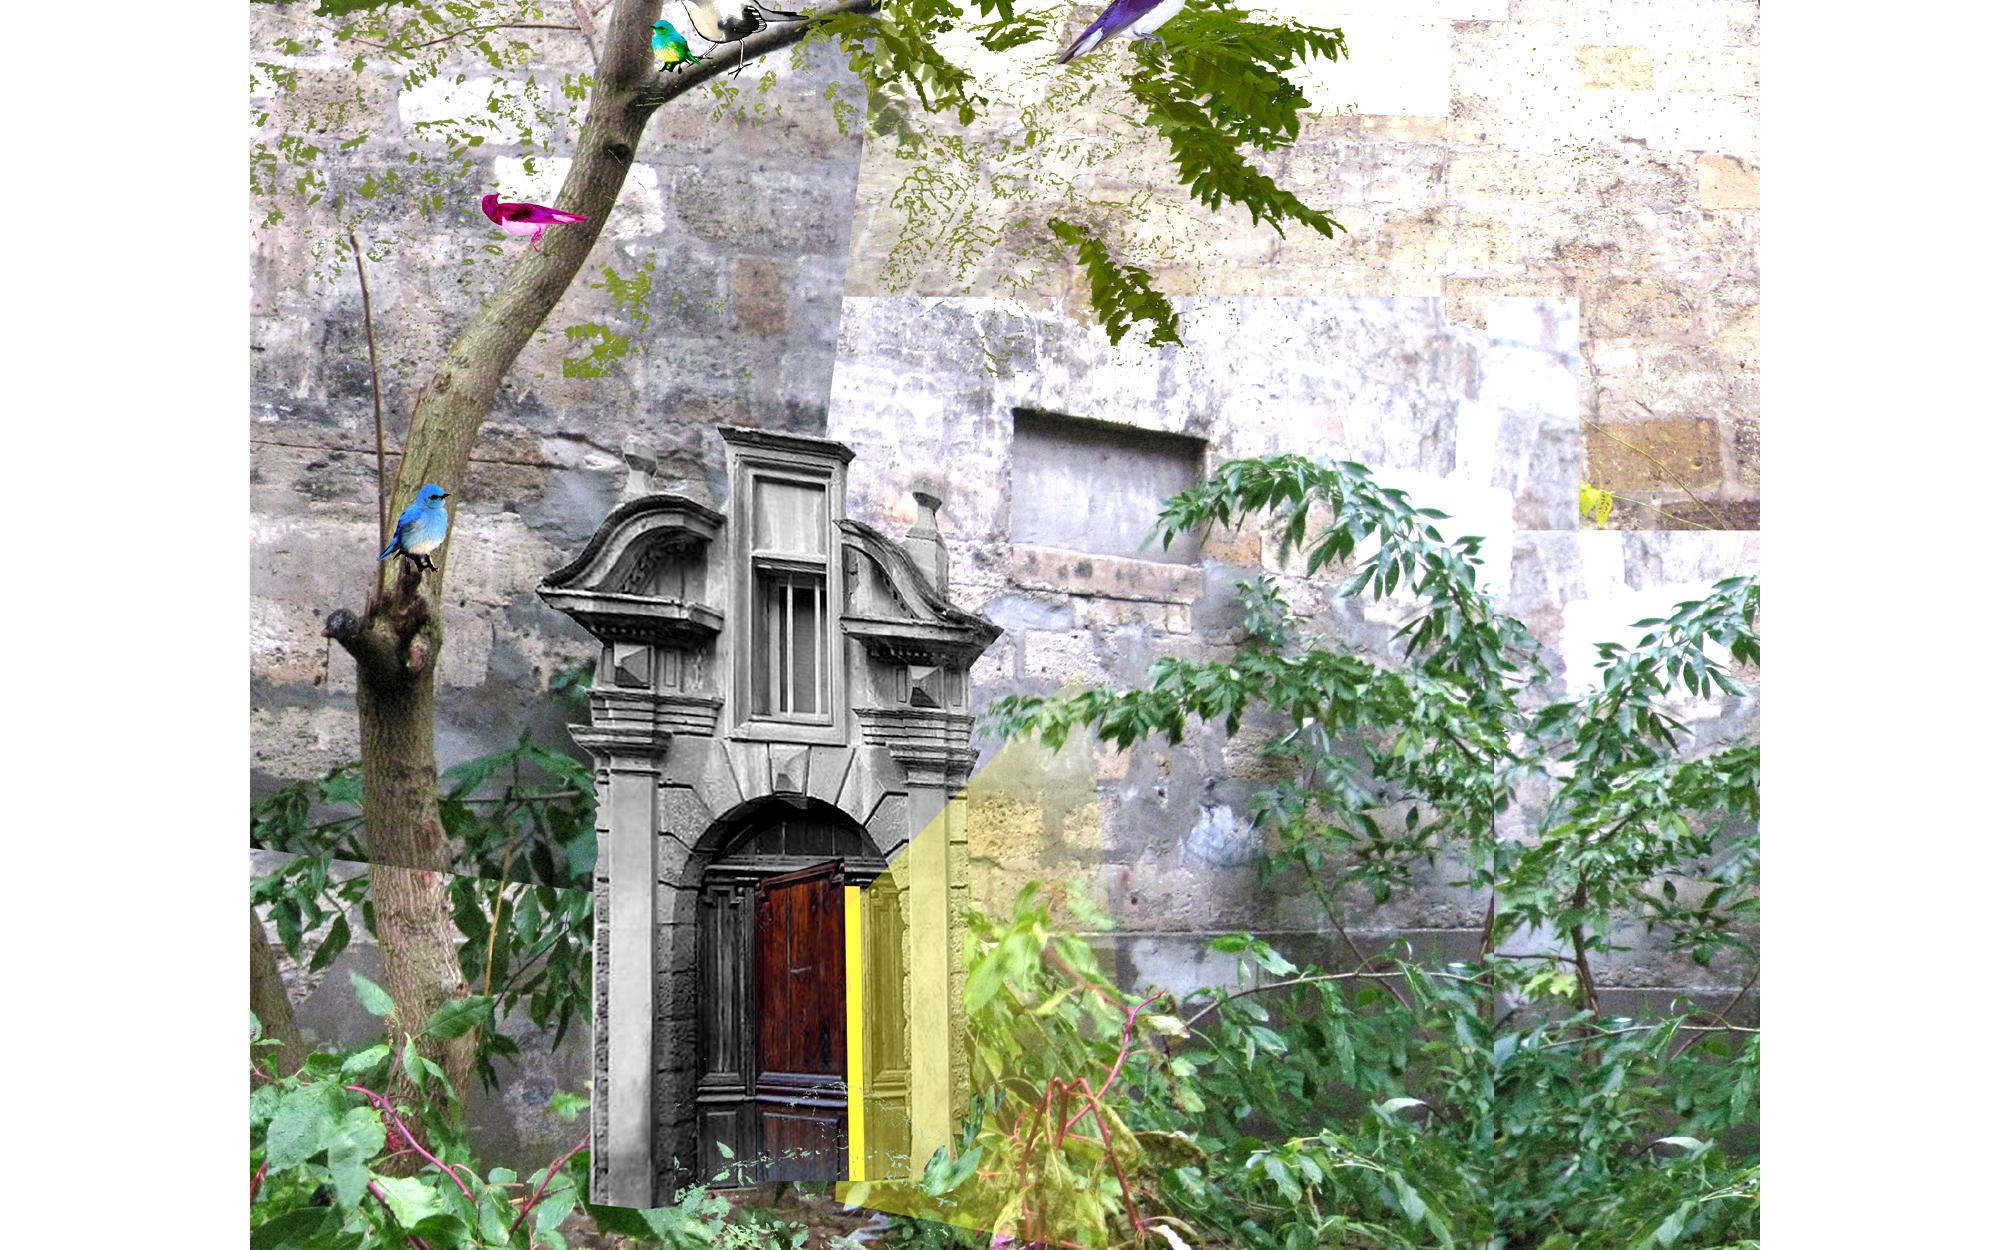 Hélène Soulier paysagiste Bordeaux, enseignante Ecole Nationale Supérieure d'Architecture et du Paysage de Bordeaux, ensapBx, jardins, châteaux, installations, workshops, Exodo installation